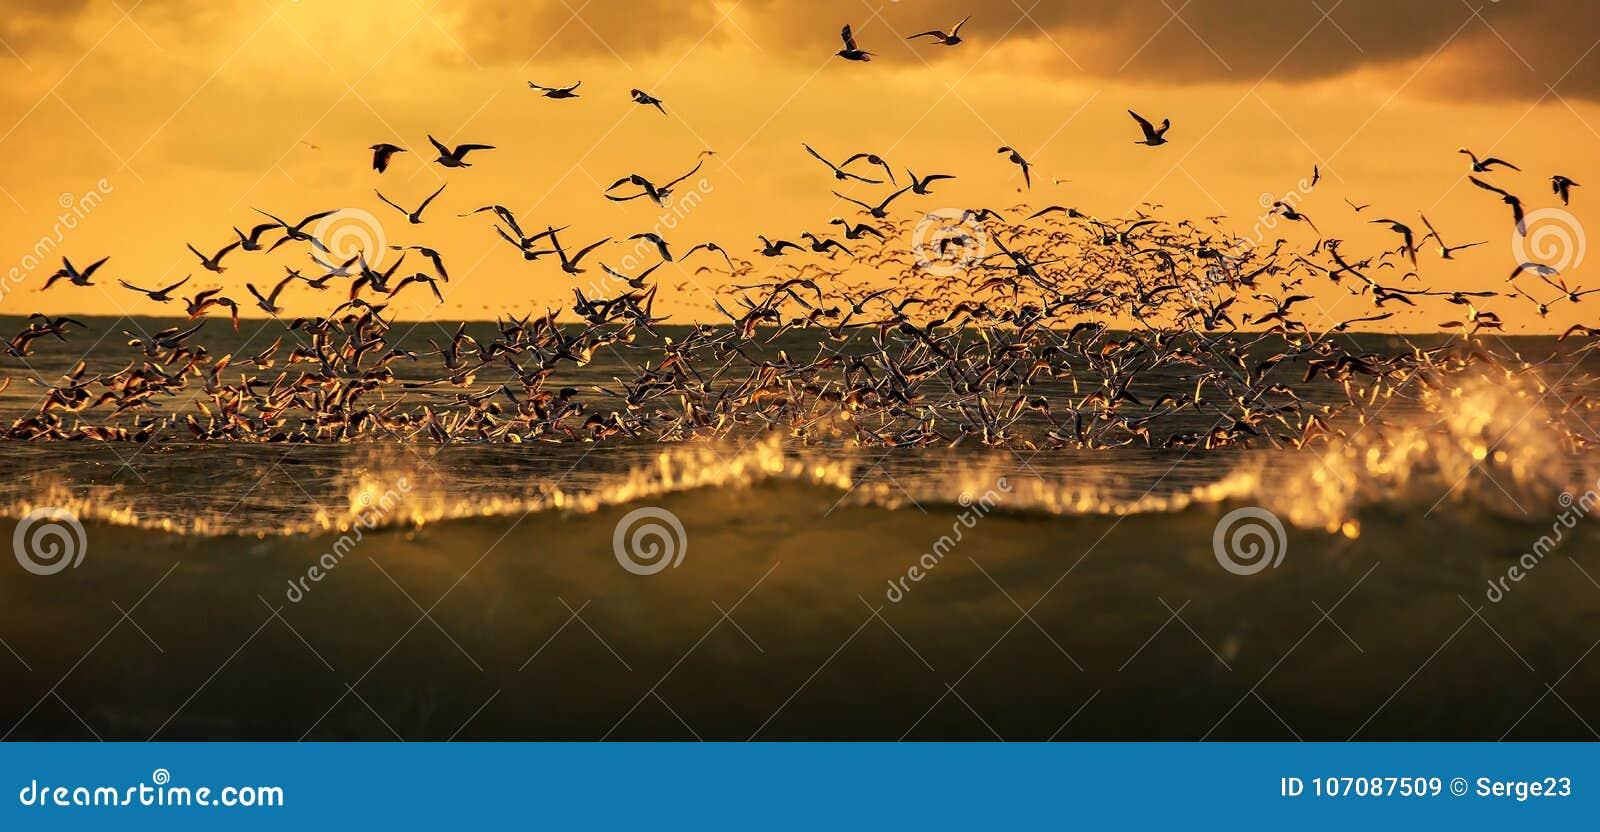 Wild lebende Tiere von Vögeln